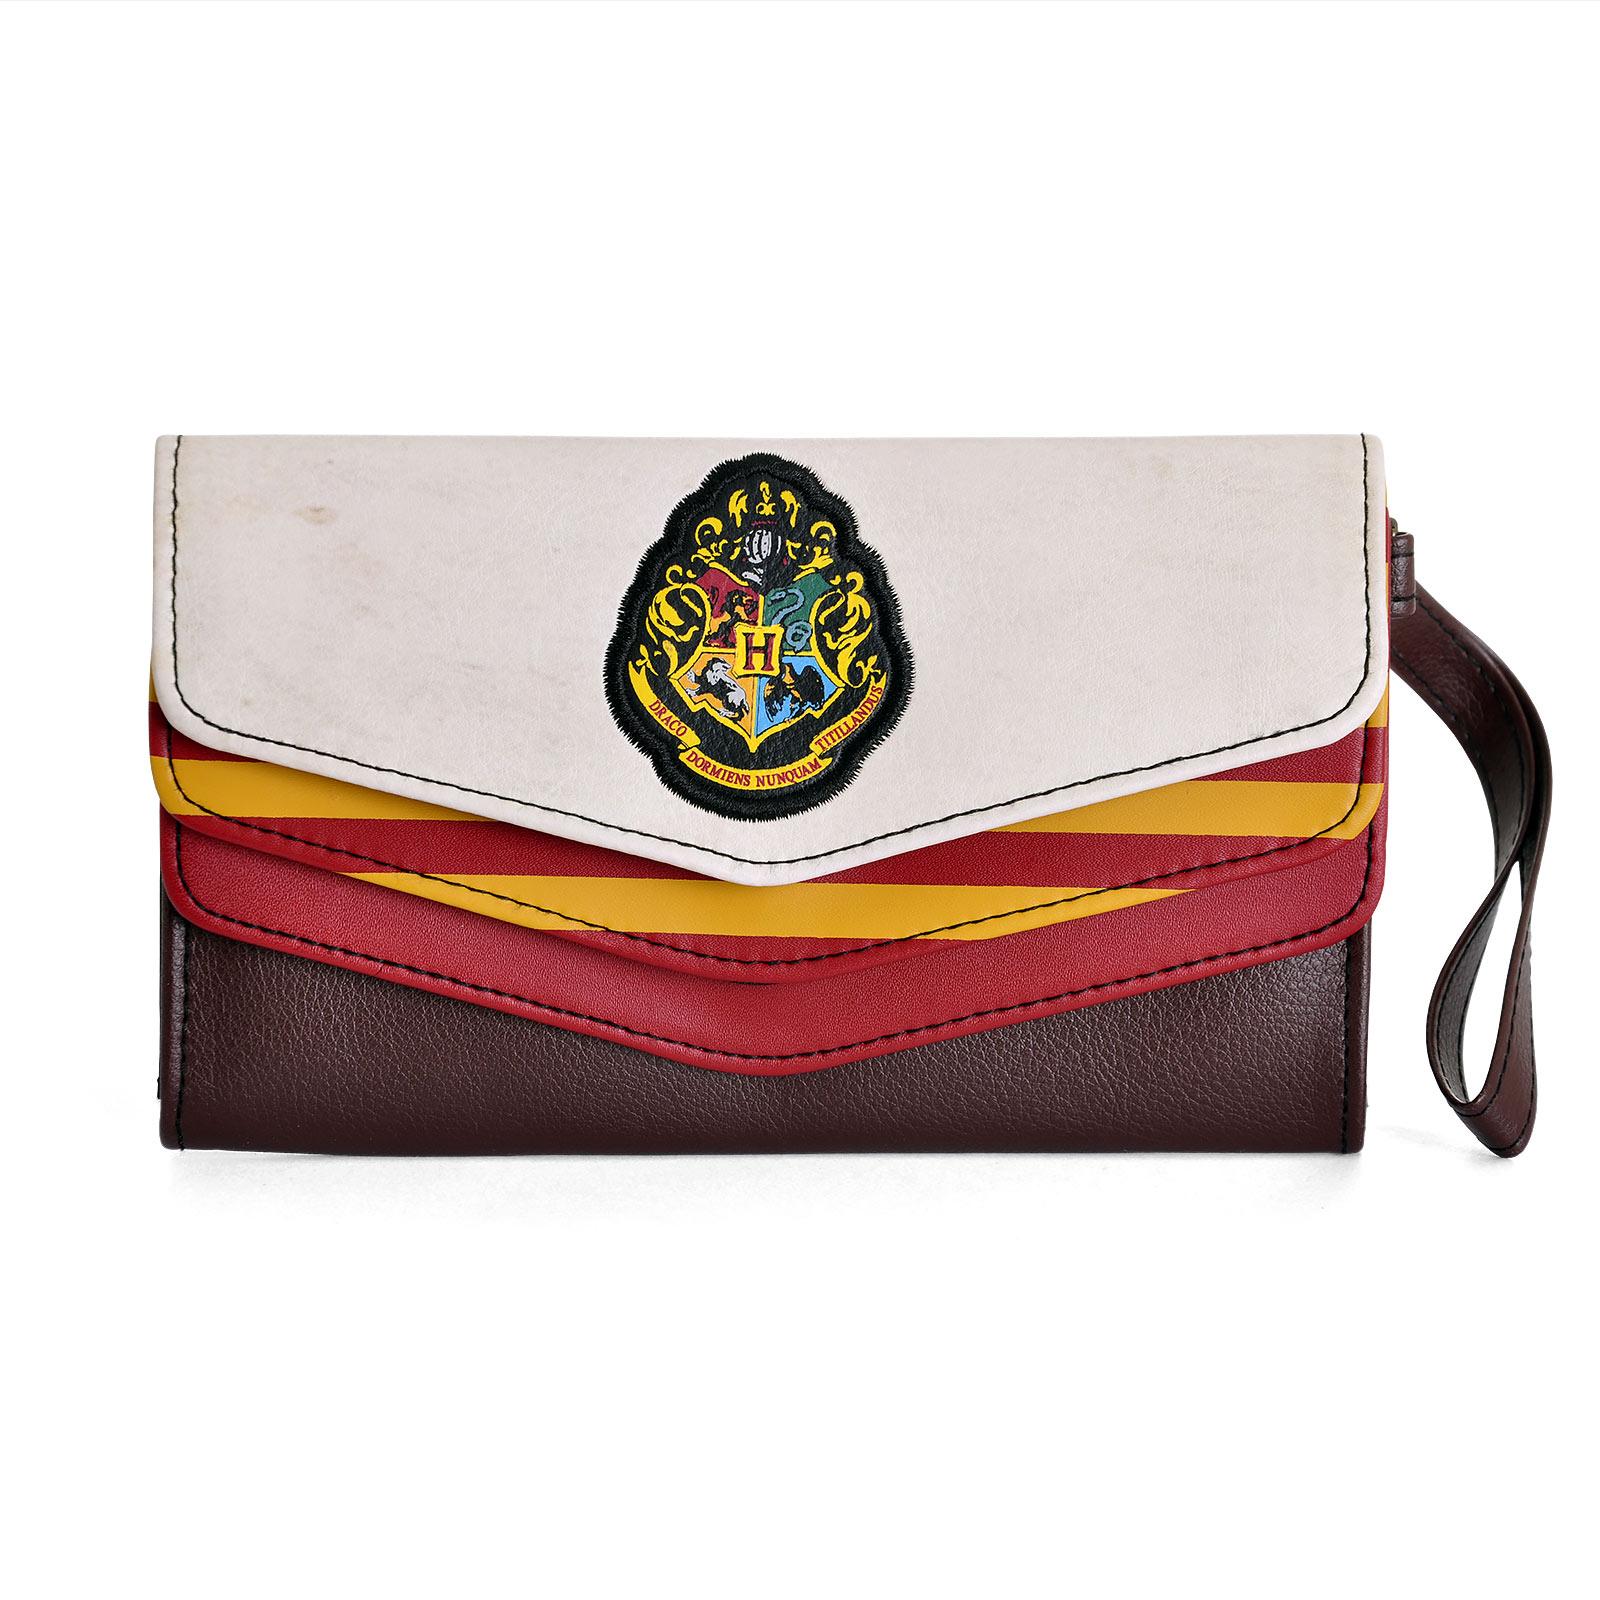 Harry Potter - Vintage Geldbörse mit Hogwarts Wappen